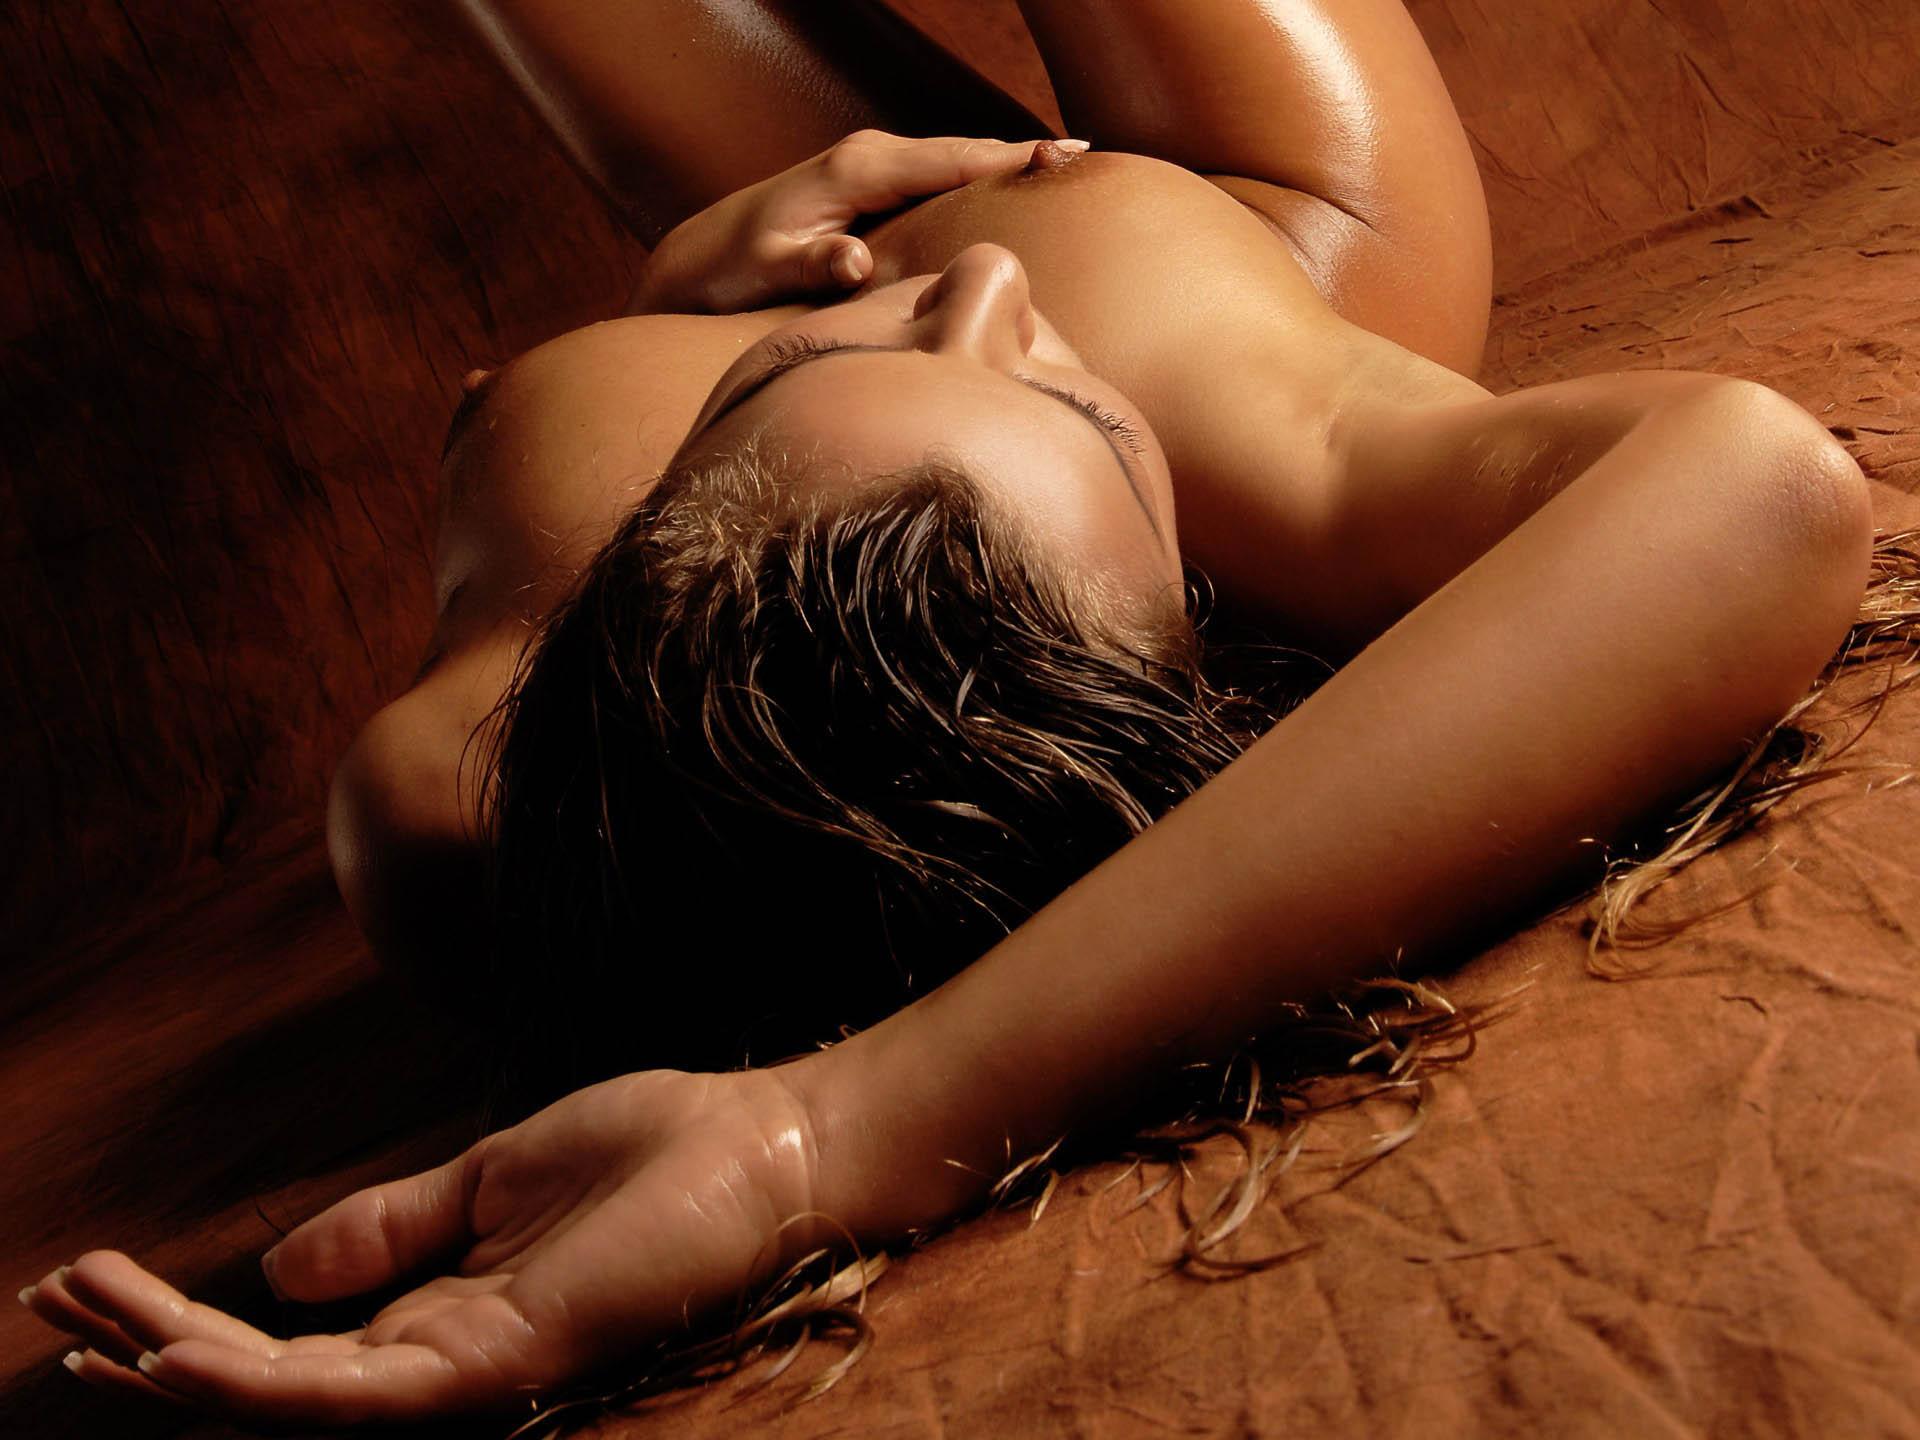 Эротические женщины картинки 4 фотография